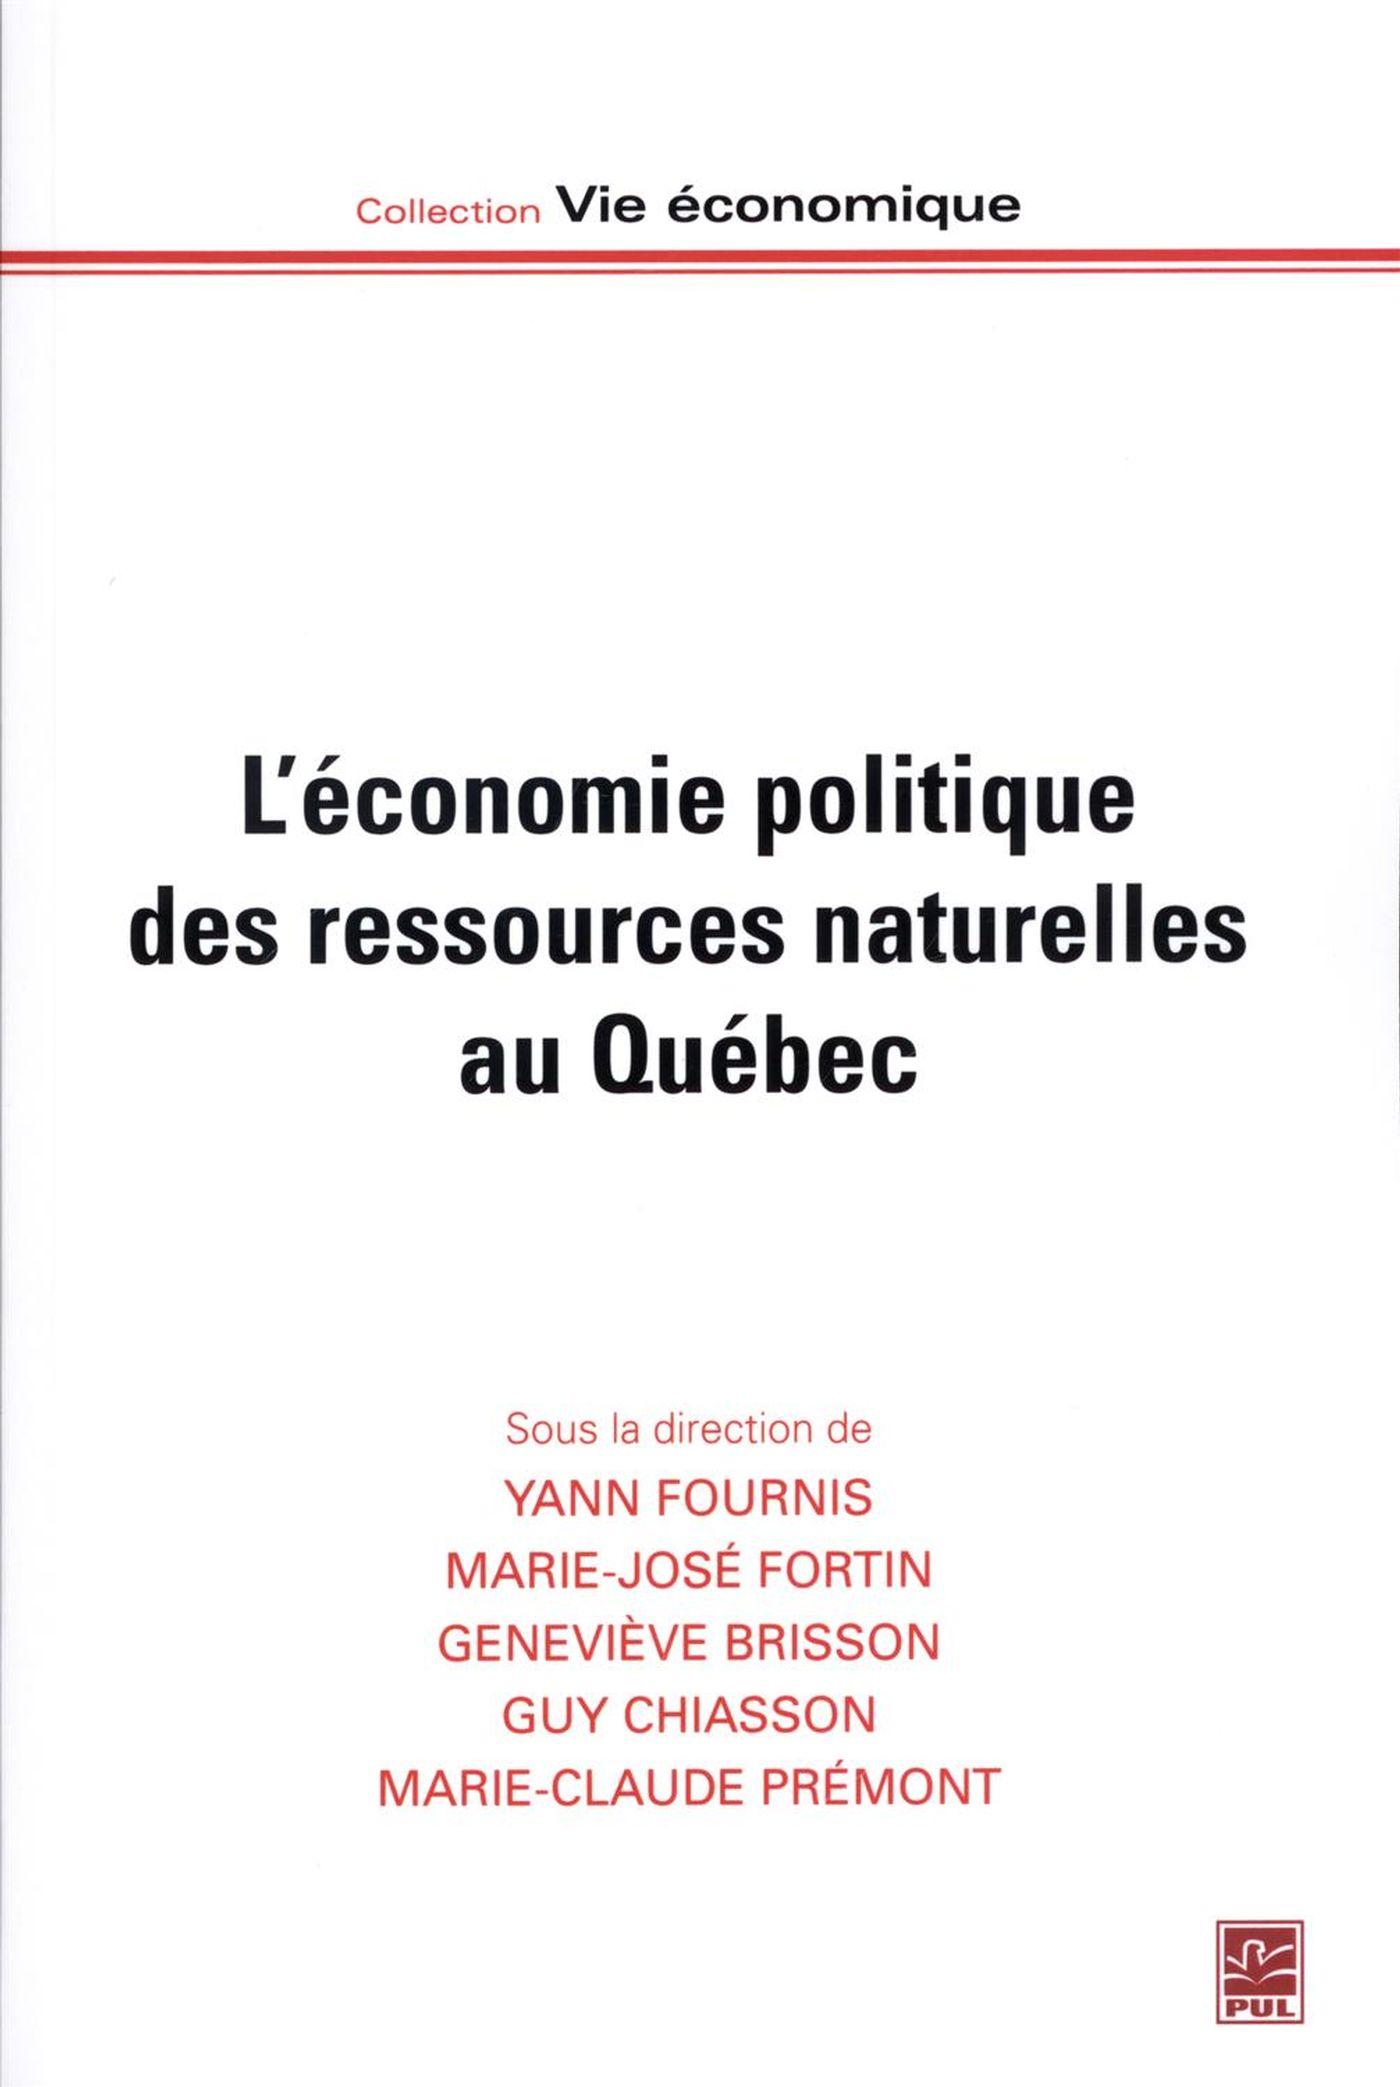 L'économie politique des ressources naturelles au Québec